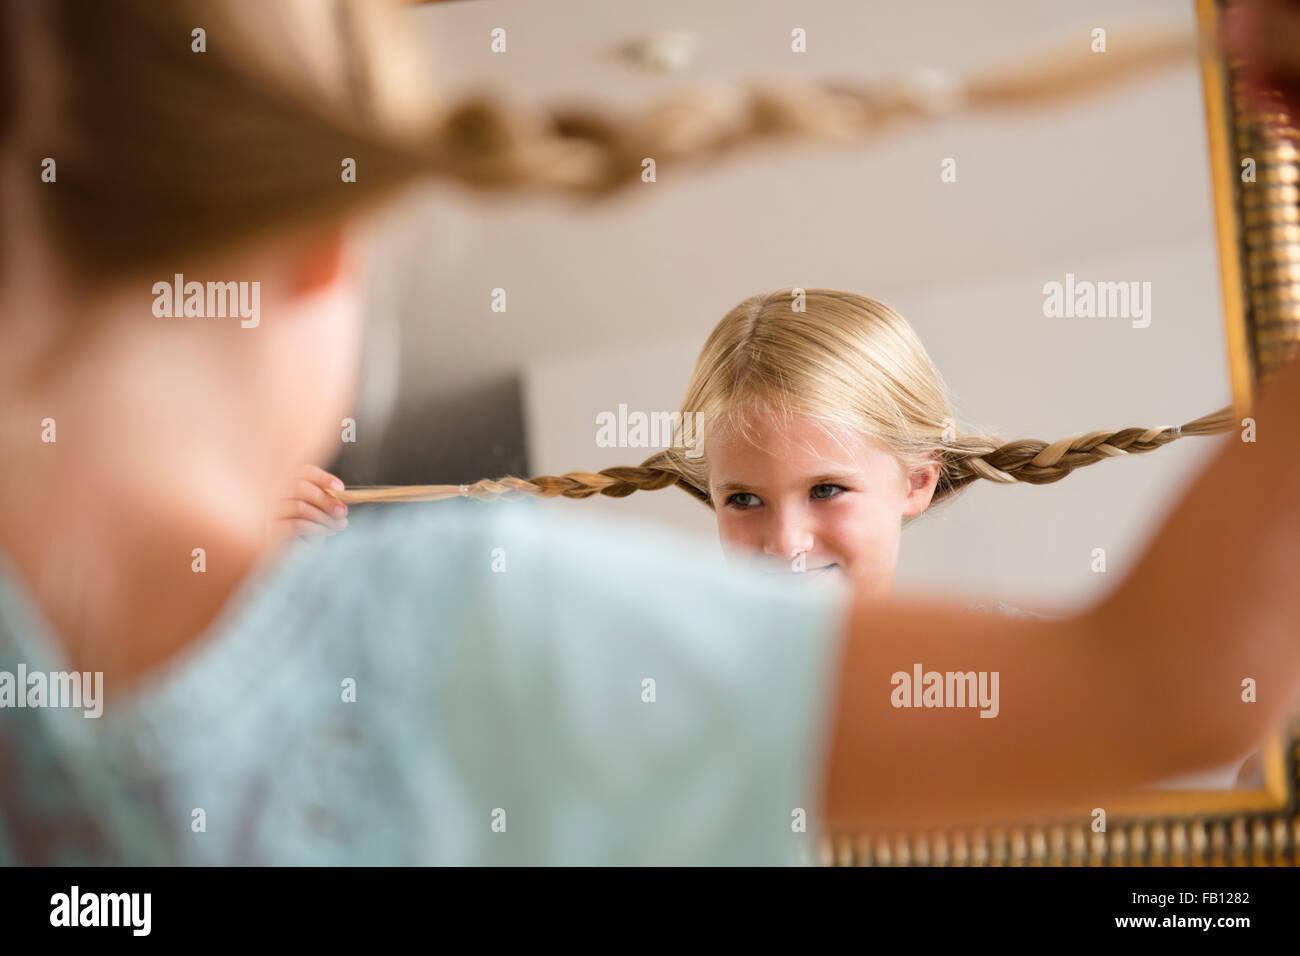 La ragazza (6-7) riflettendo a specchio Immagini Stock